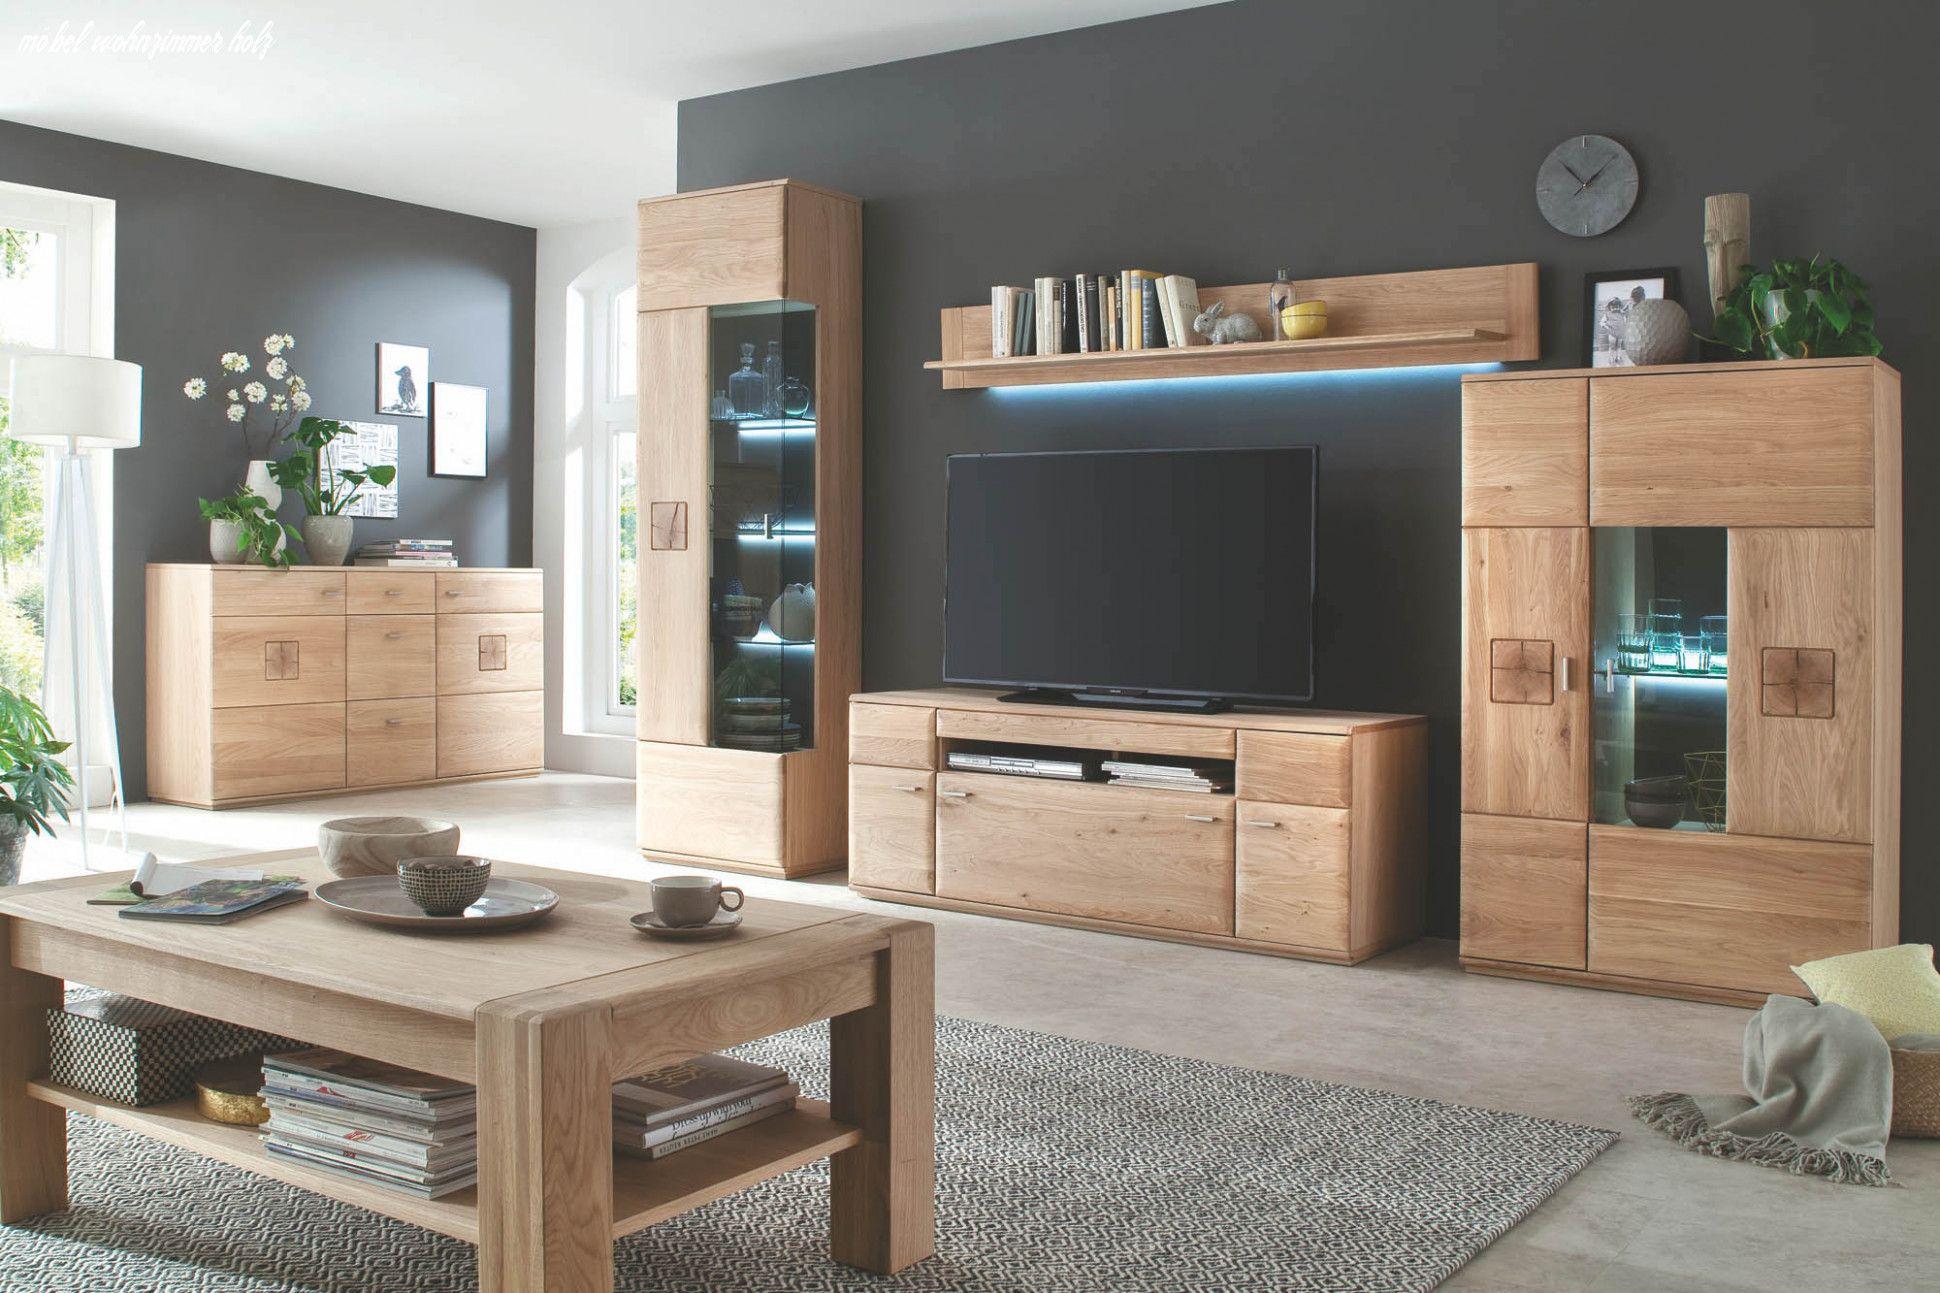 Sieben Verblüffende Fakten über Möbel Wohnzimmer Holz in 8